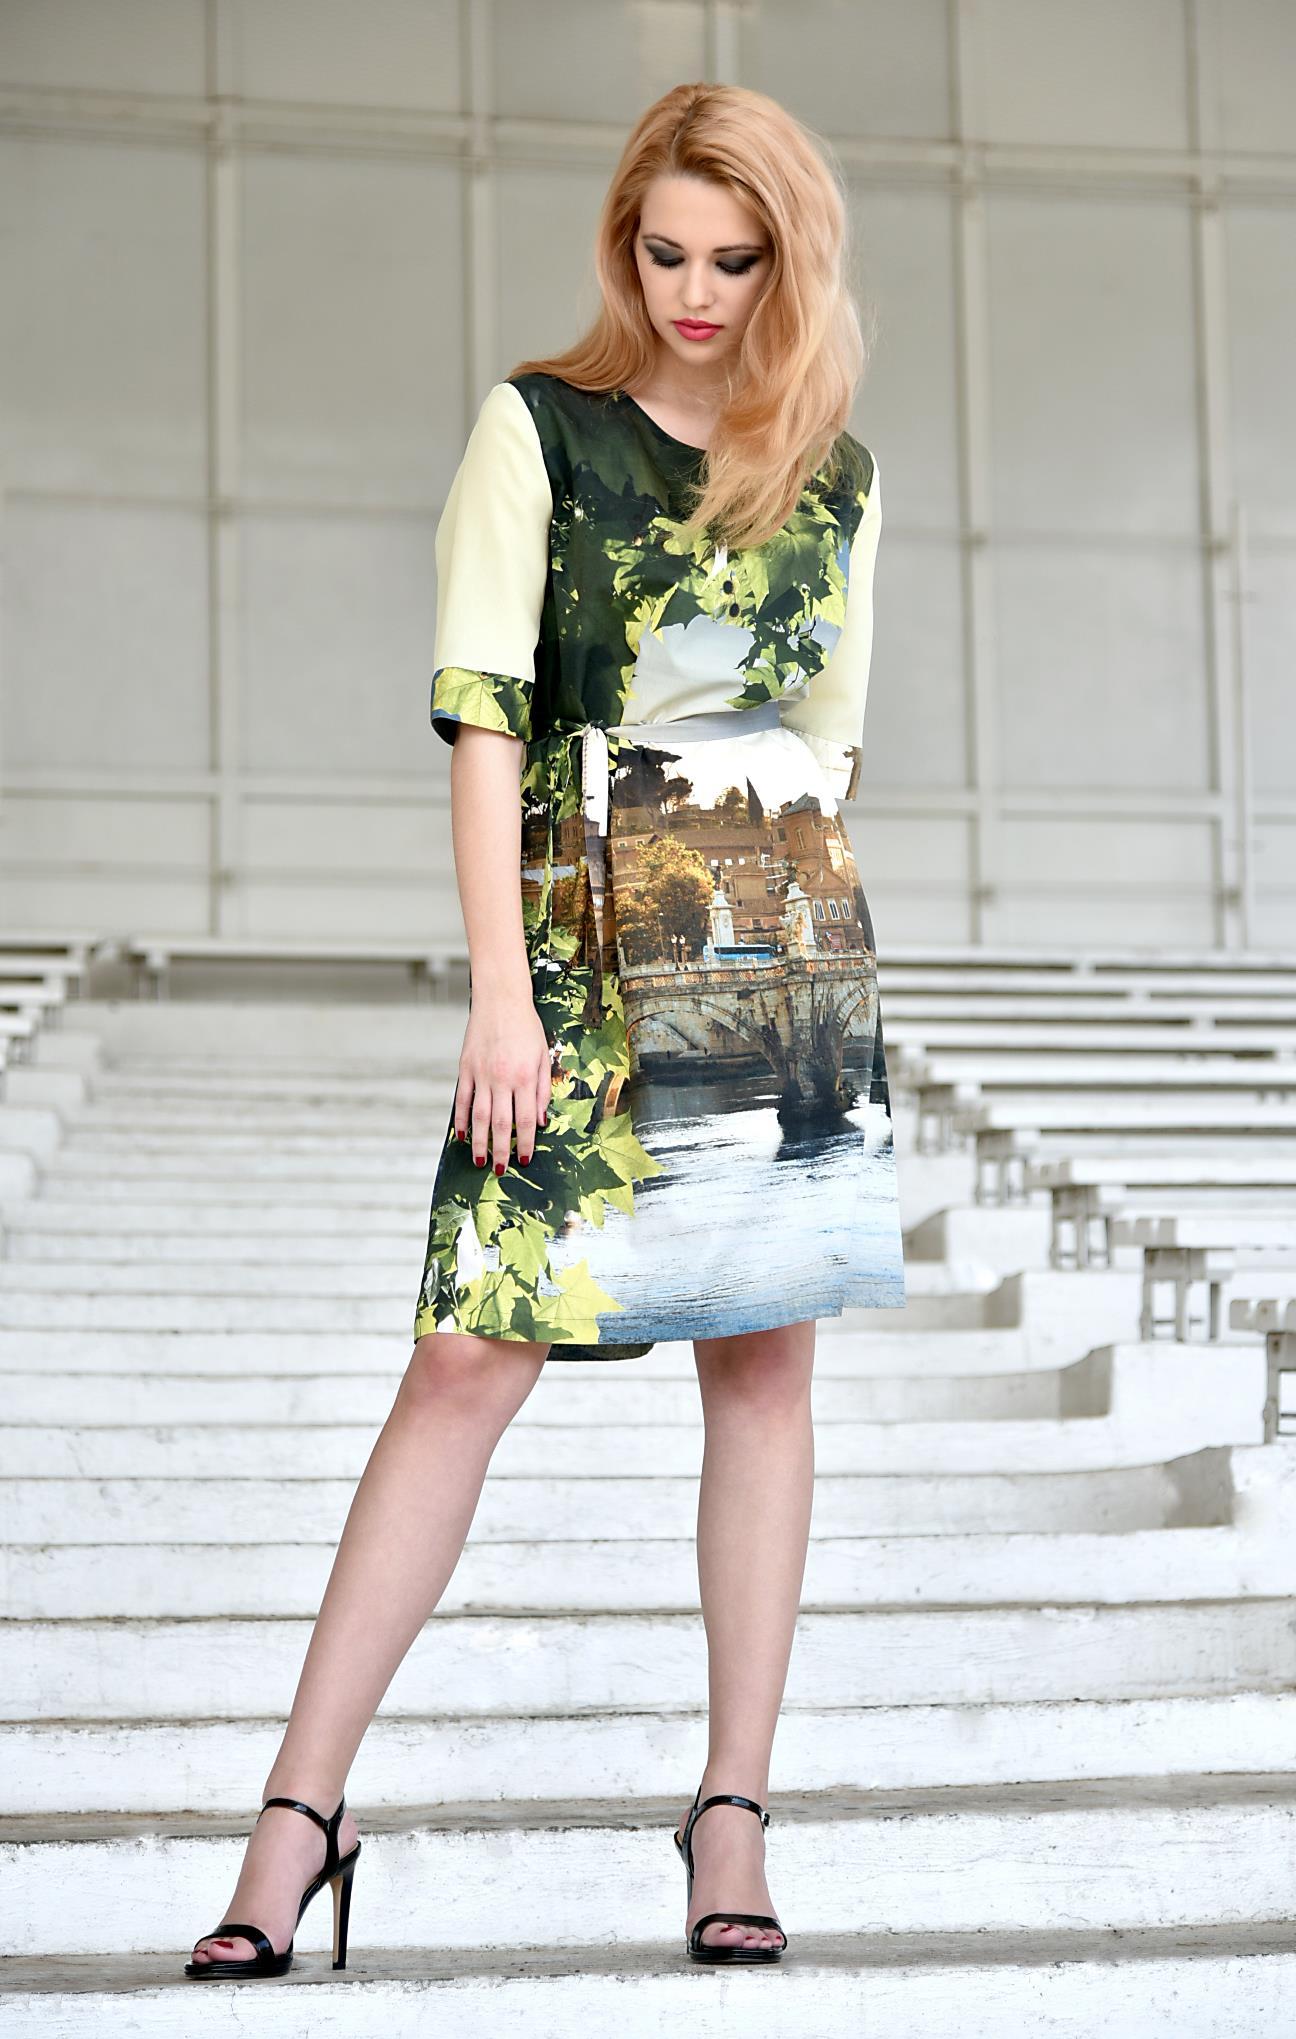 Fotografie pro model – Šaty sřímským vzorem